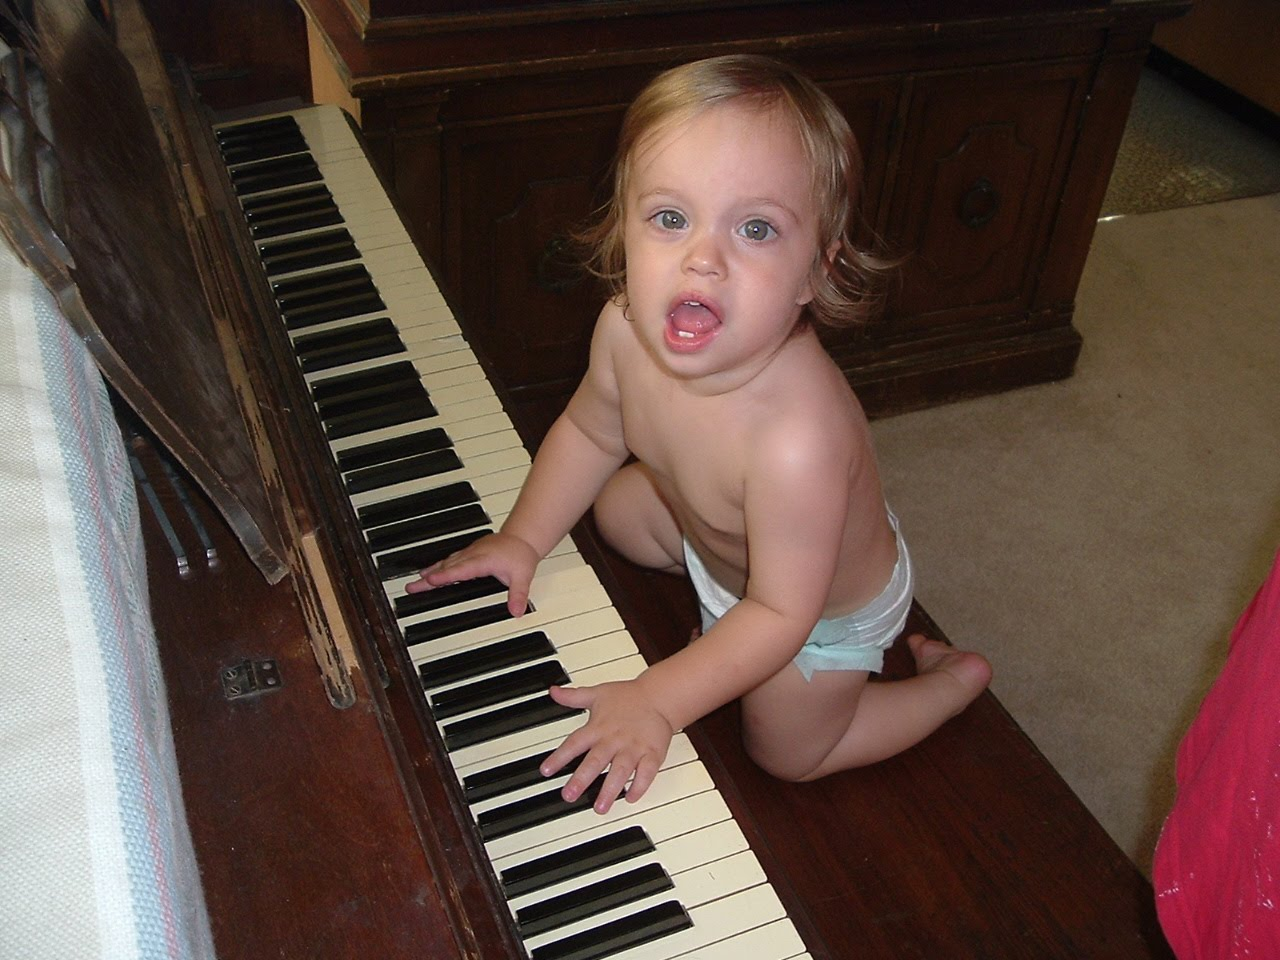 http://4.bp.blogspot.com/_HTIbLOn3UaI/TCZO2TGeFJI/AAAAAAAAABk/S3jZL1VX41g/s1600/Playing_Piano.jpg